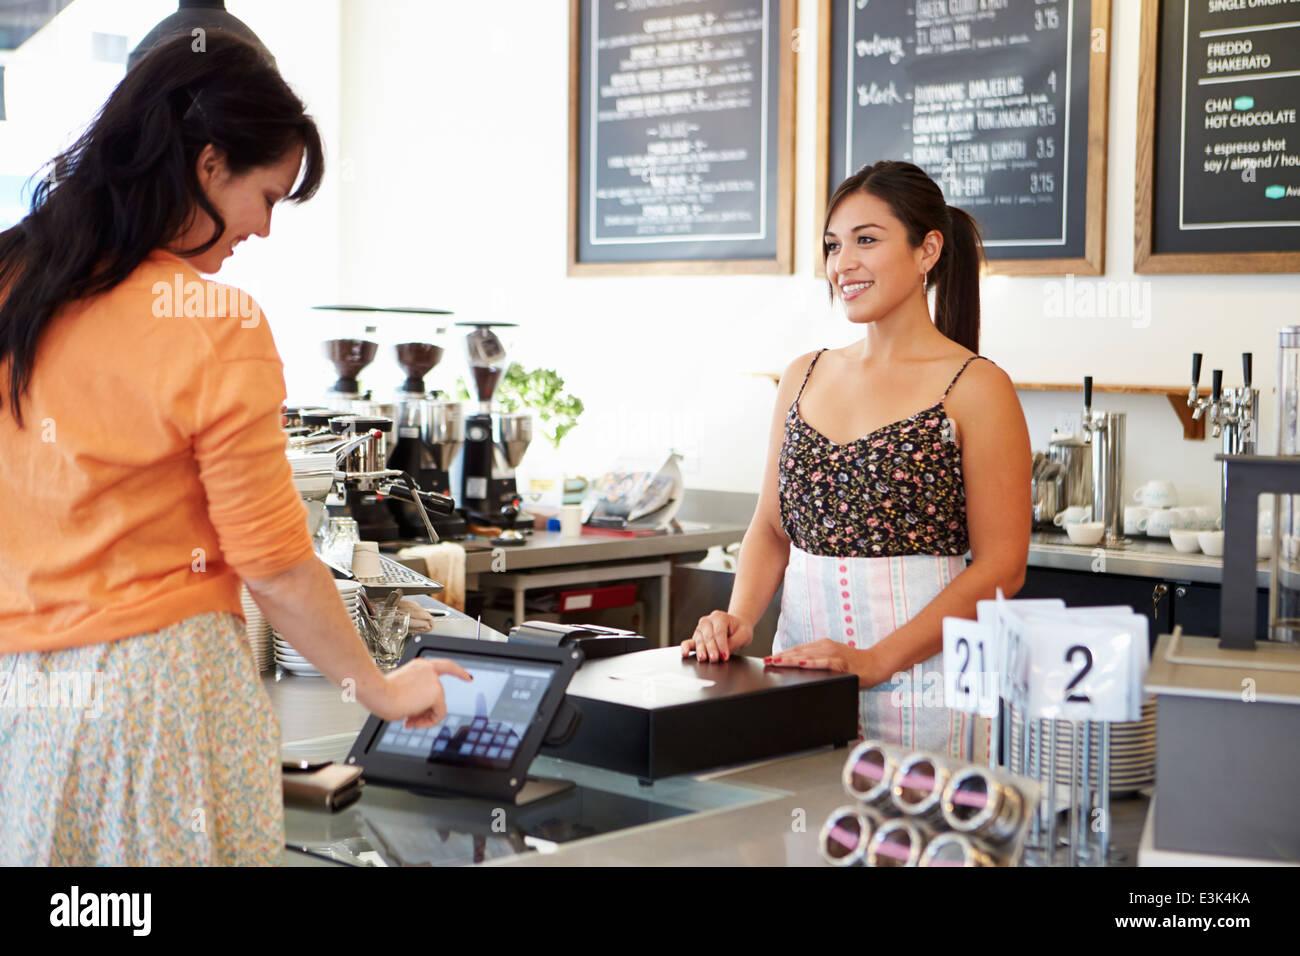 Kunden zahlen In Coffee-Shop mit Touchscreen Stockbild